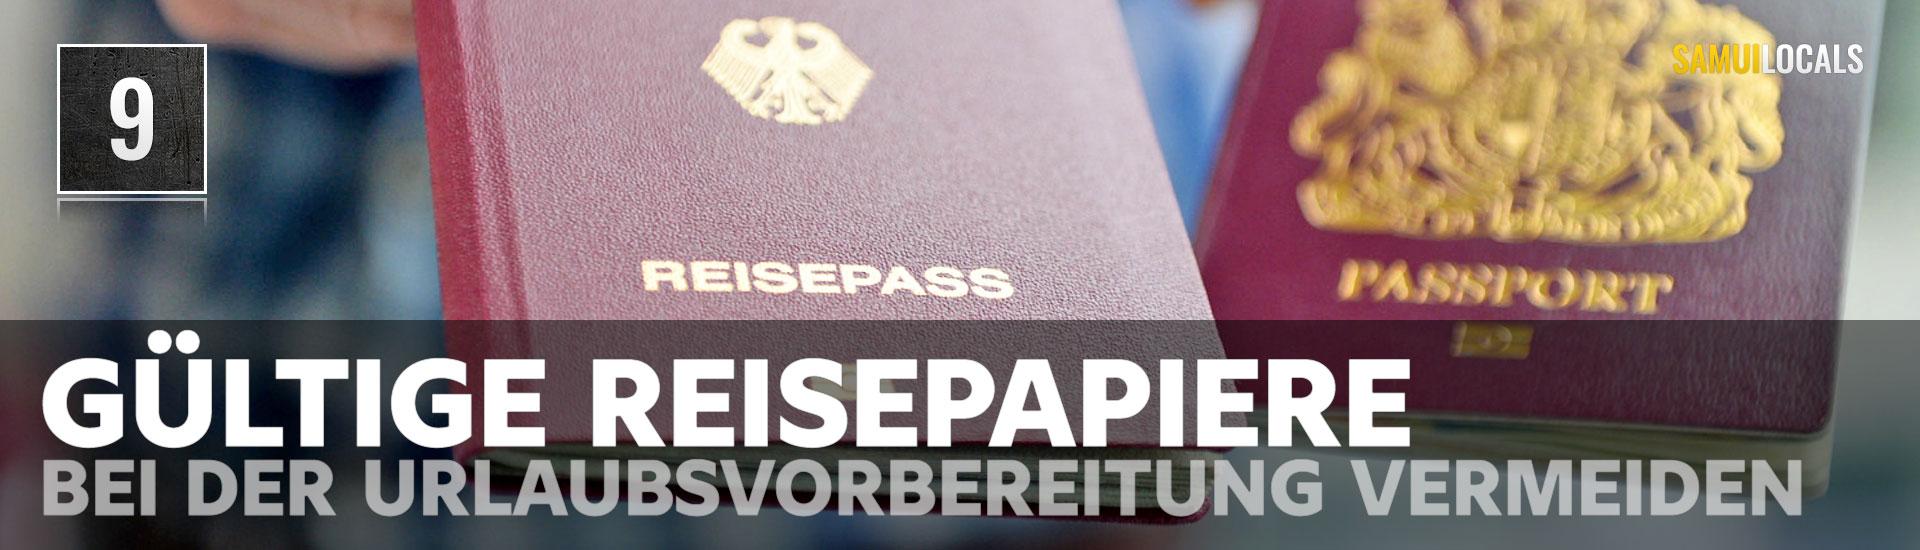 top_10_bei_der_urlaubsvorbereitung_vermeiden_gueltige_reisepapiere